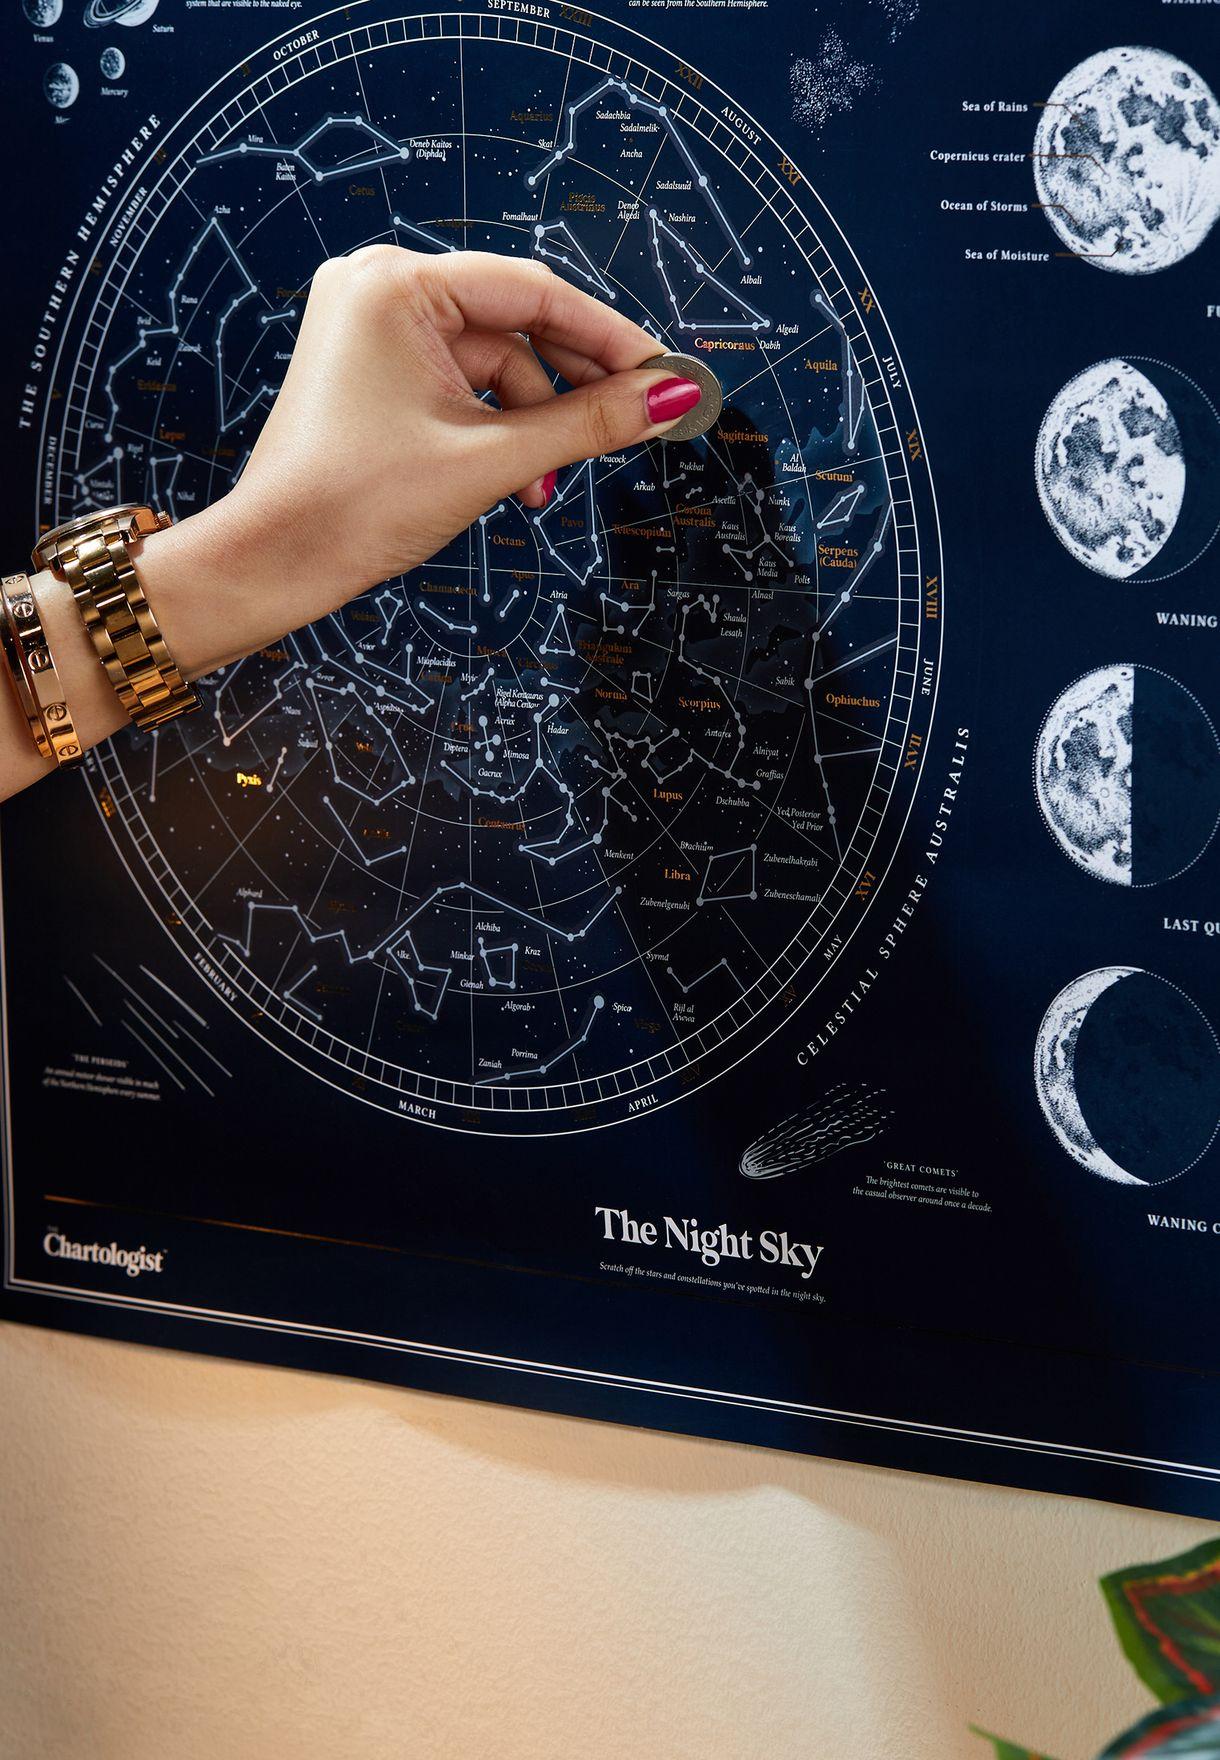 خريطة سماء الليل